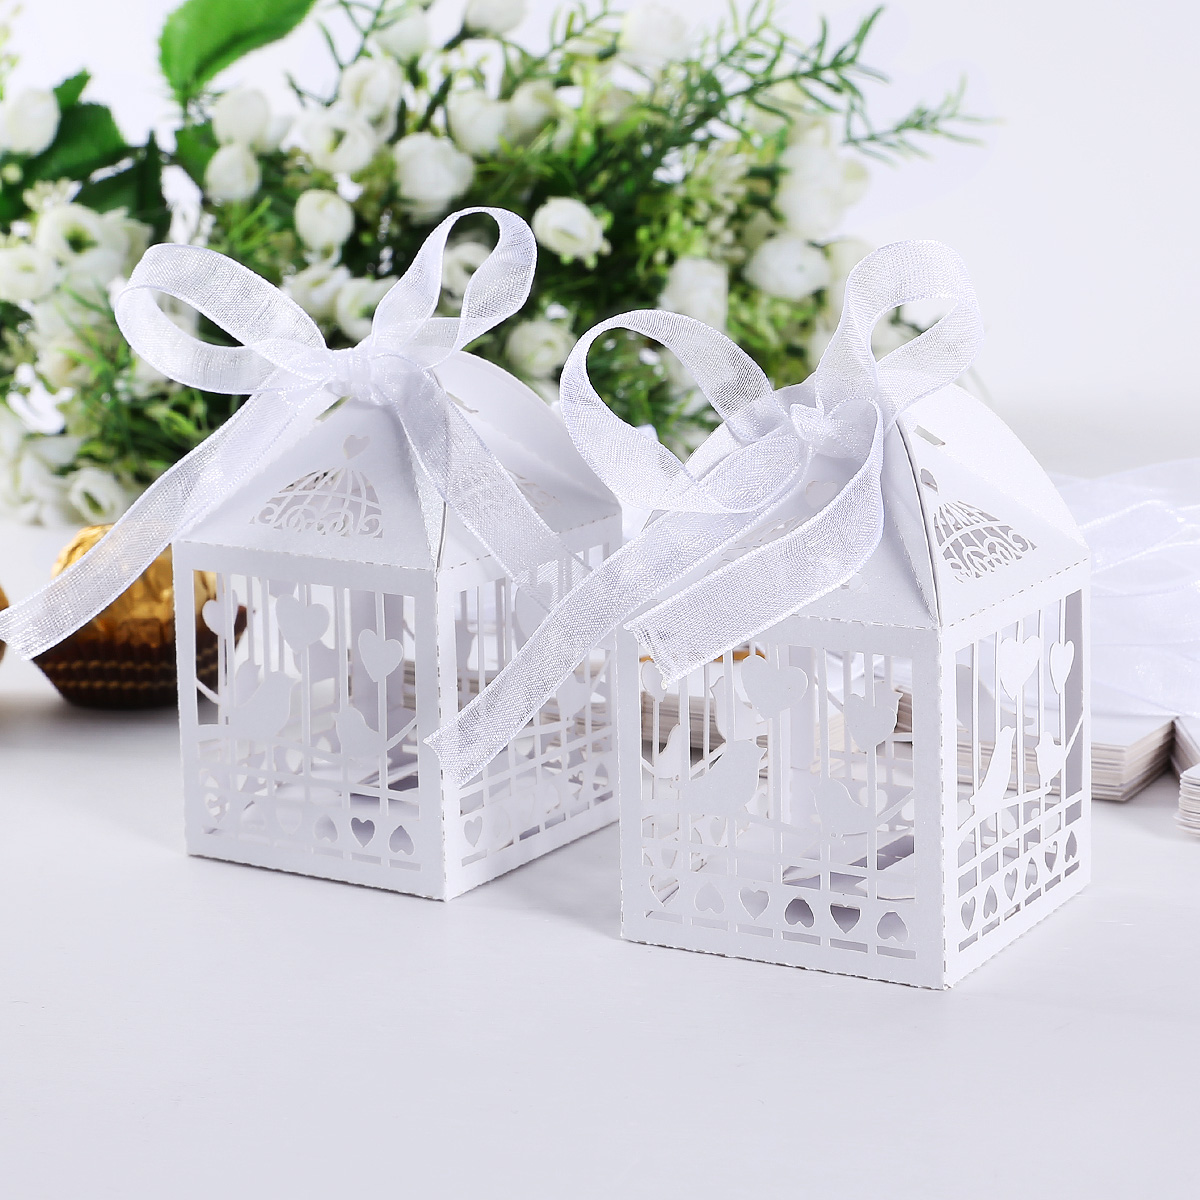 25pcs bo te drag es cage oiseaux coeurs avec ruban pour mariage blanc 918 ebay. Black Bedroom Furniture Sets. Home Design Ideas